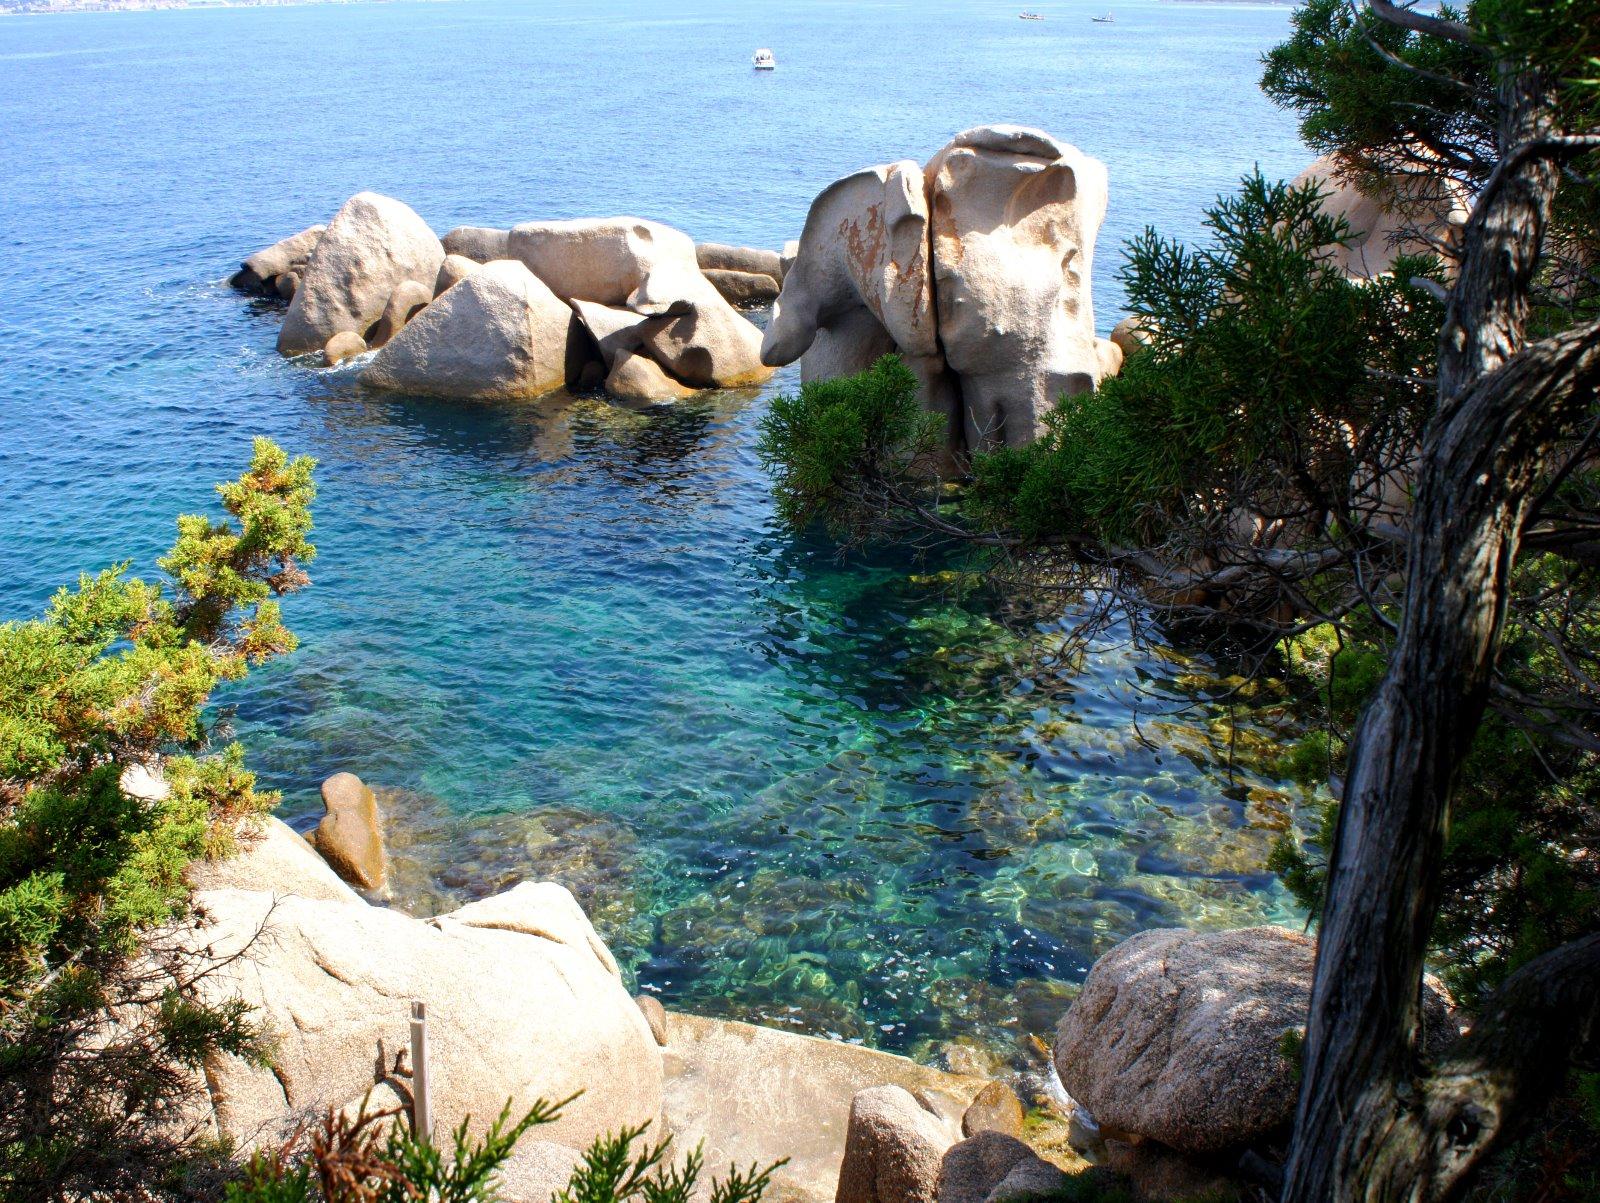 Corse du sud rare bien d exception pieds dans l eau for Achat maison corse du sud